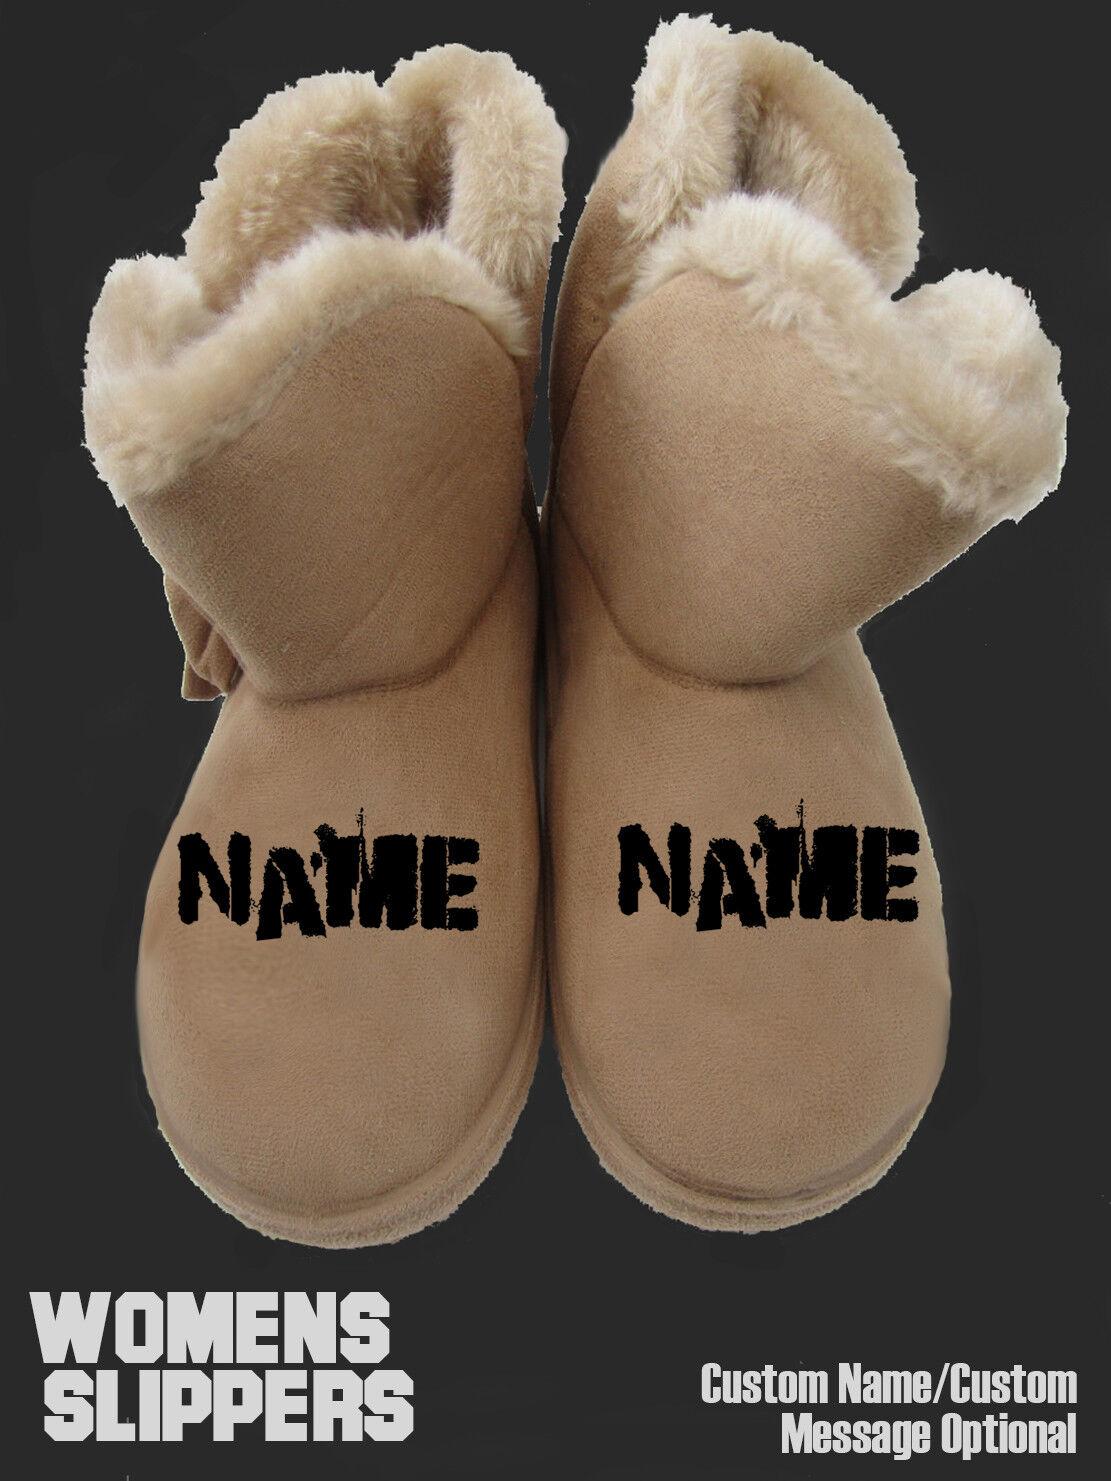 custom Damenss SLIPPERS t shirt hoodie personalised footwear gift xmas name